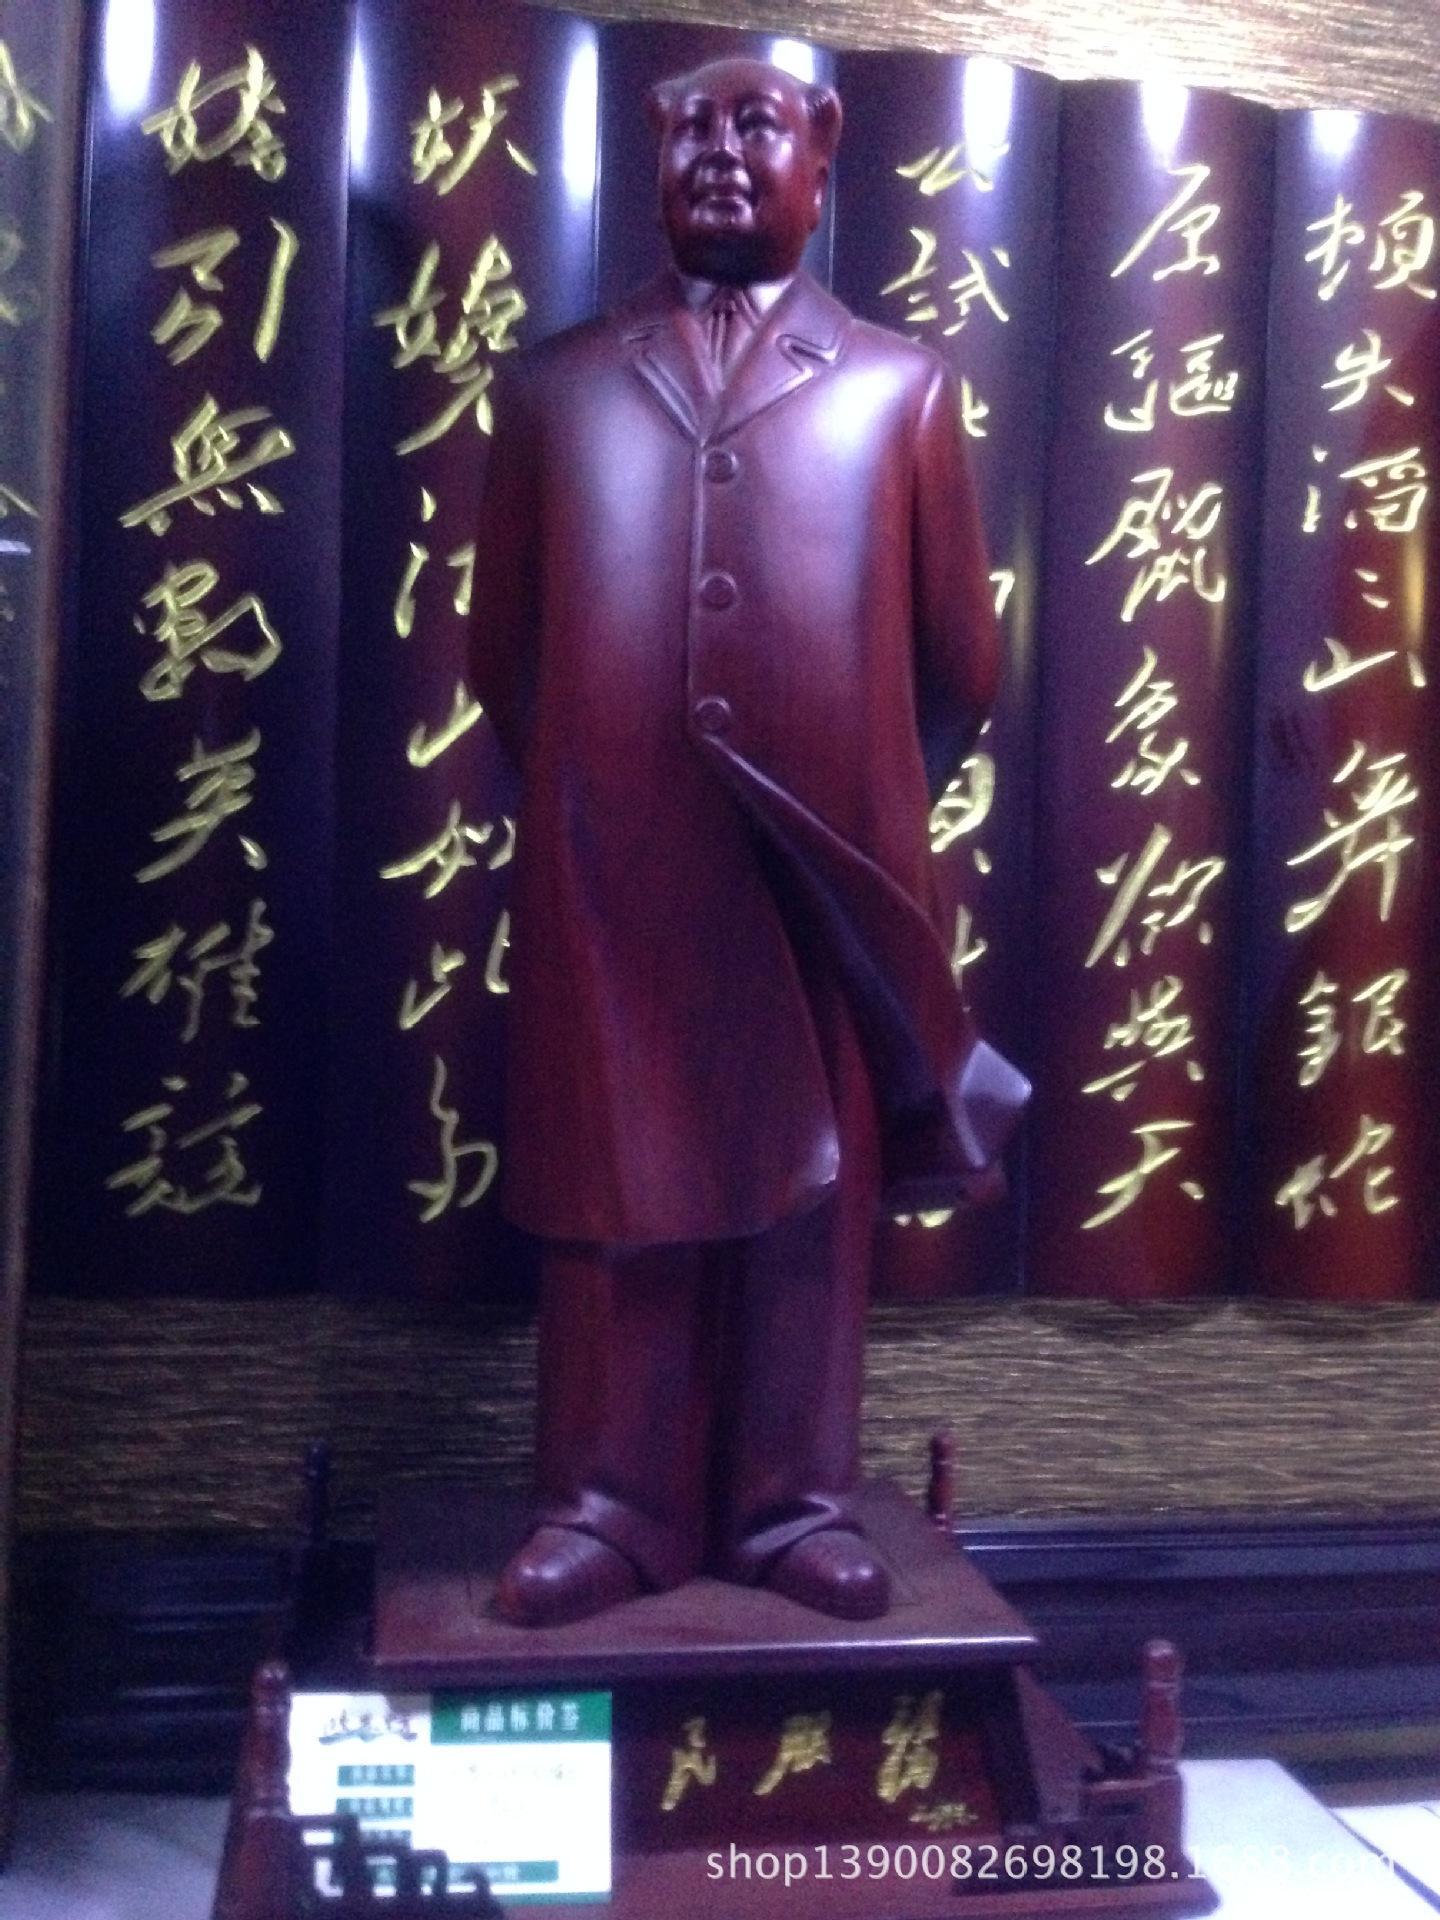 经典木雕:毛泽东肖像 最新商品展示:经典木雕――红花梨毛主席肖像【带底座】